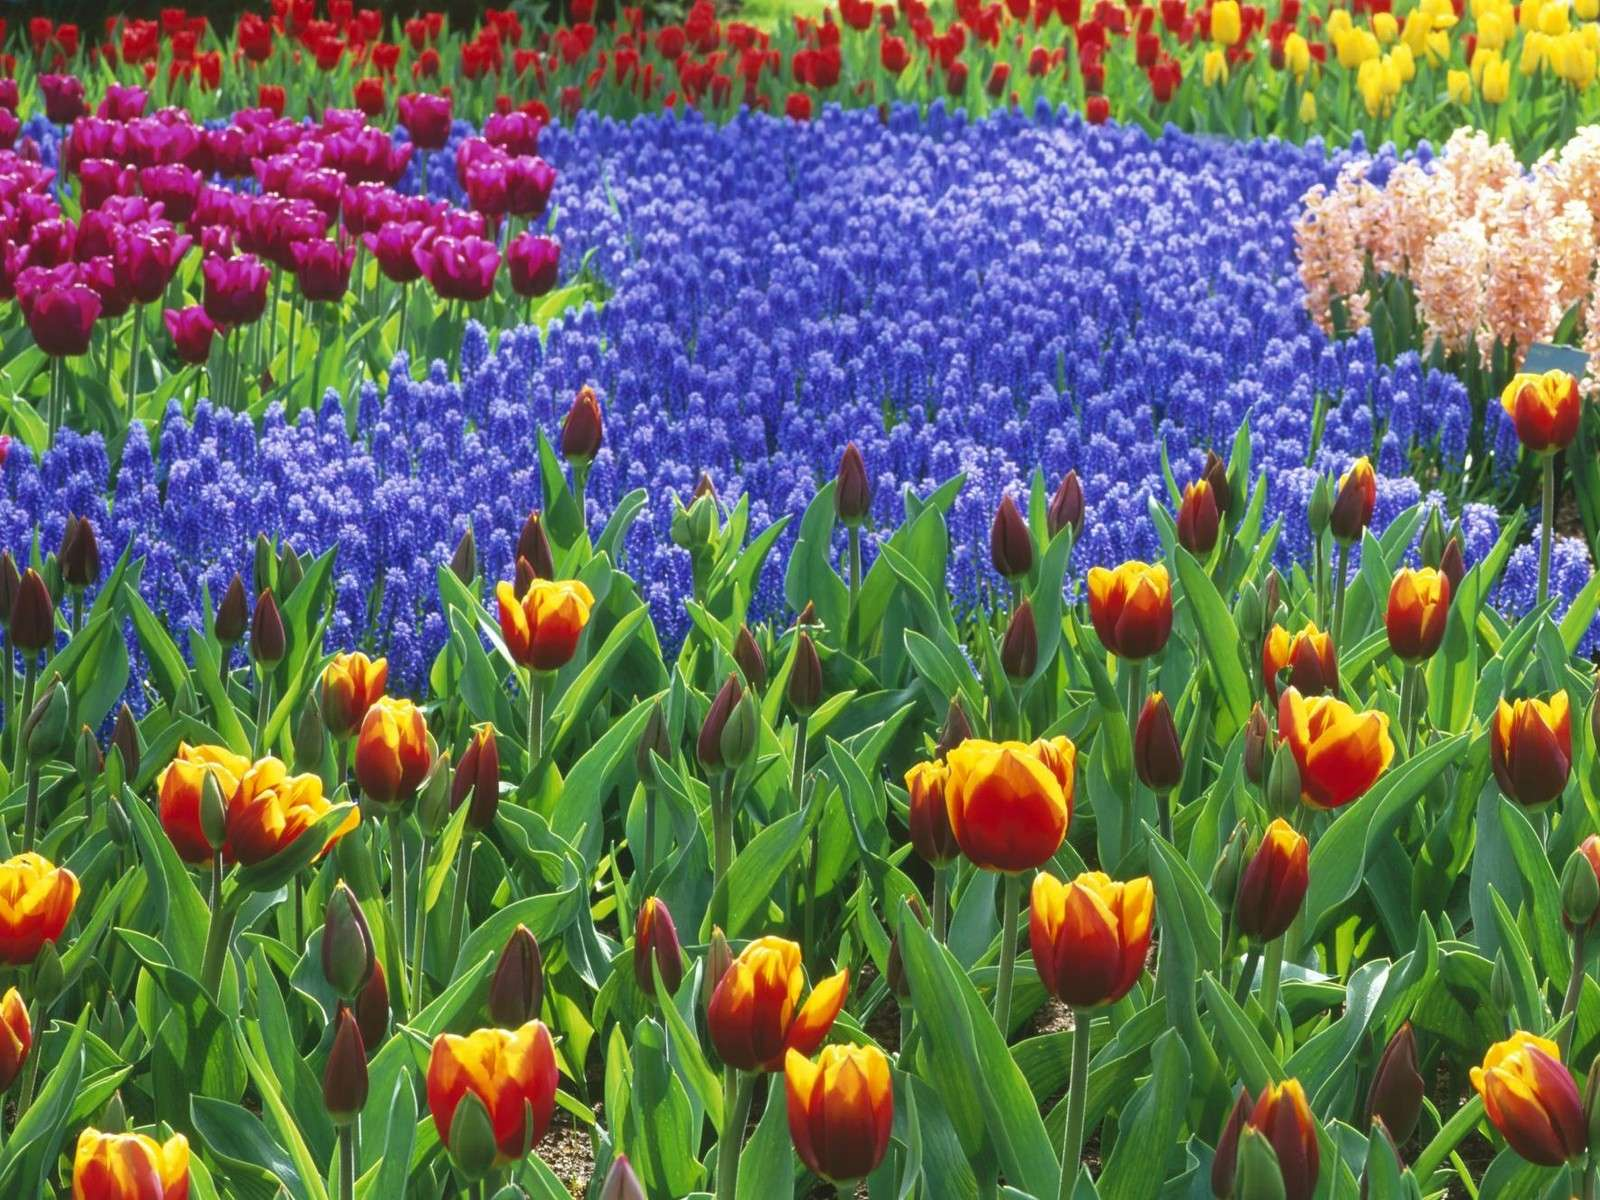 بالصور صور ورد خلفيات , فنون اختيار الخلفيات الطبيعيه و الورود 636 2